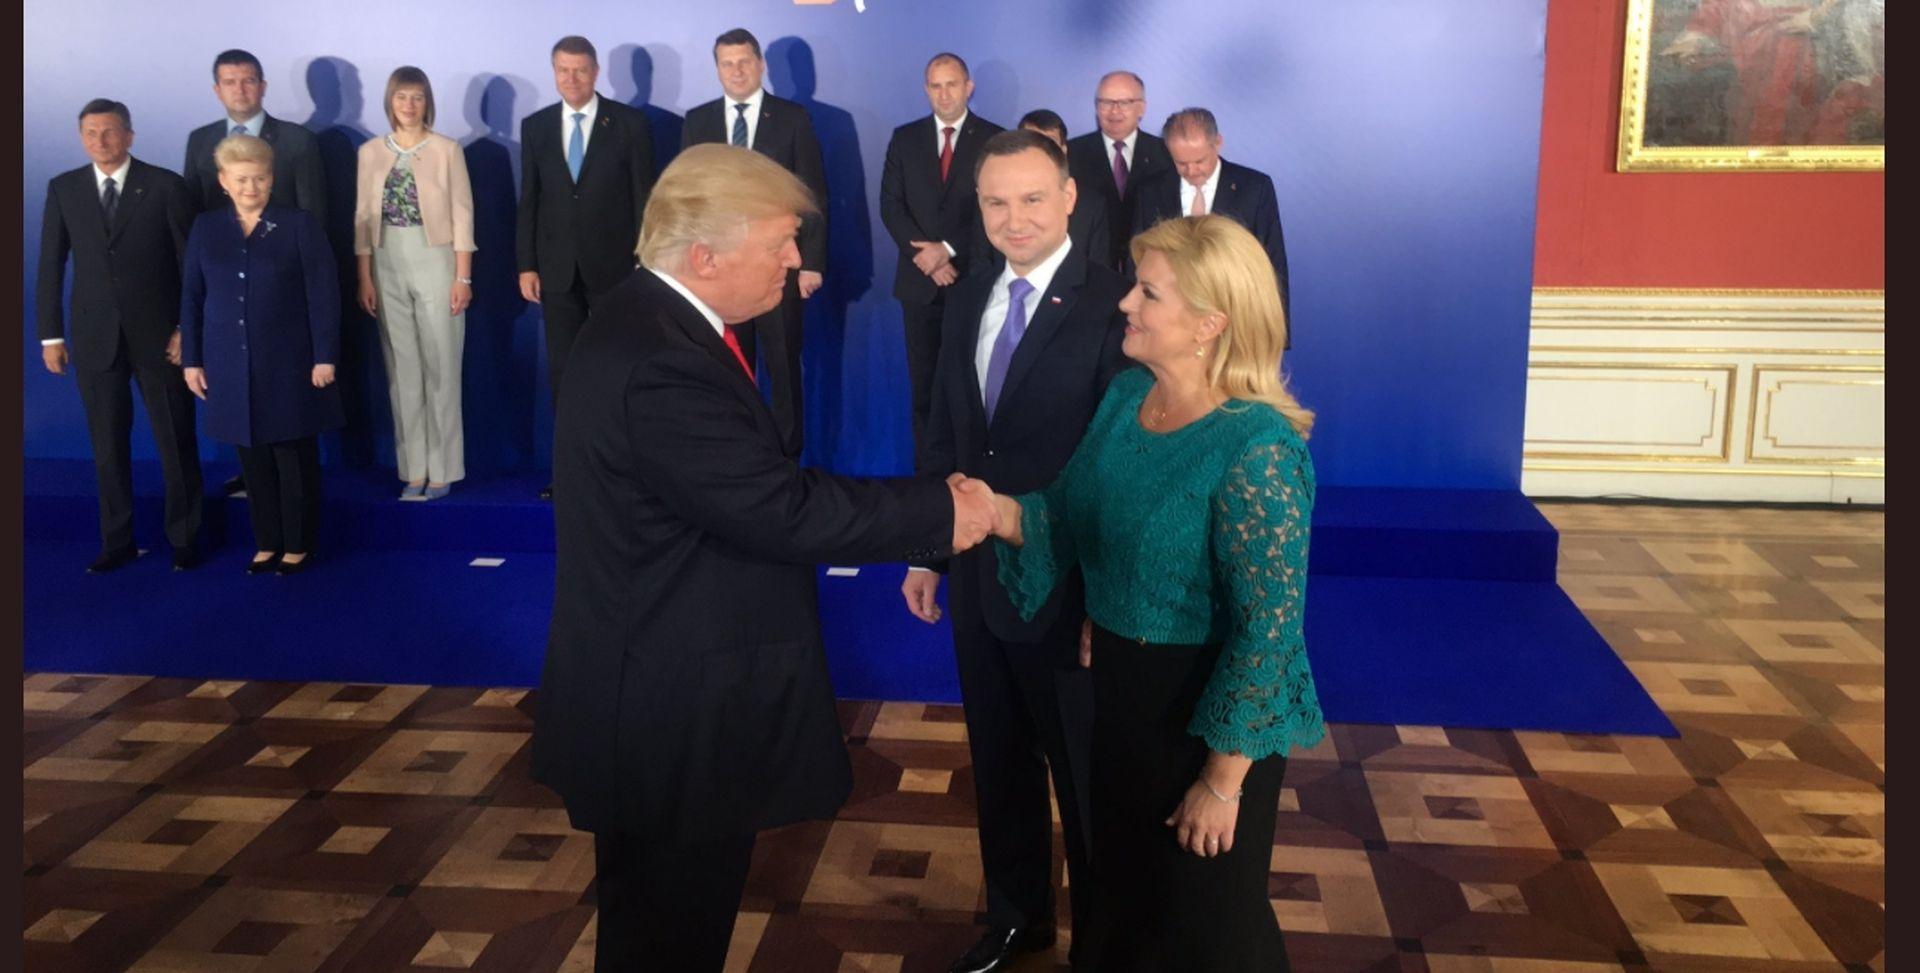 """SUSRET S TRUMPOM Predsjednica objavila fotografiju s """"posebnim gostom"""""""